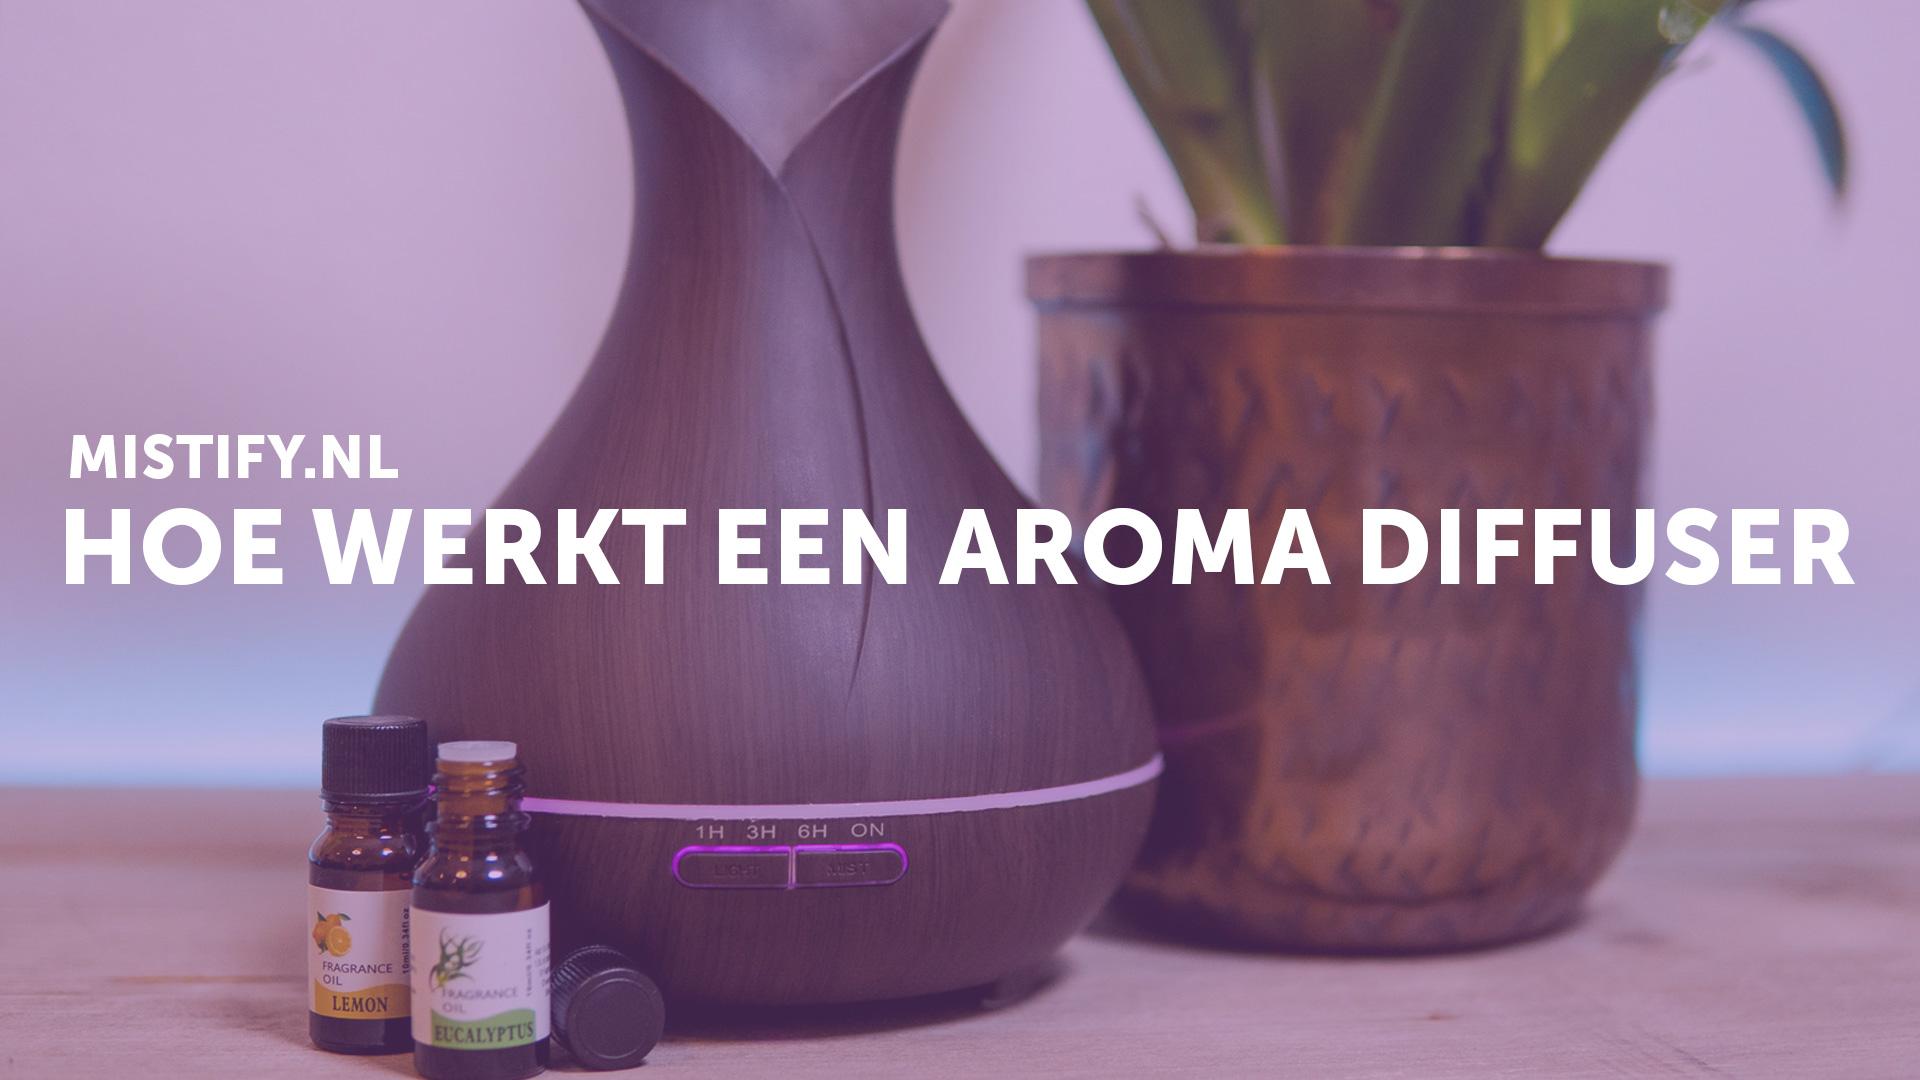 Hoe werkt een aroma diffuser?